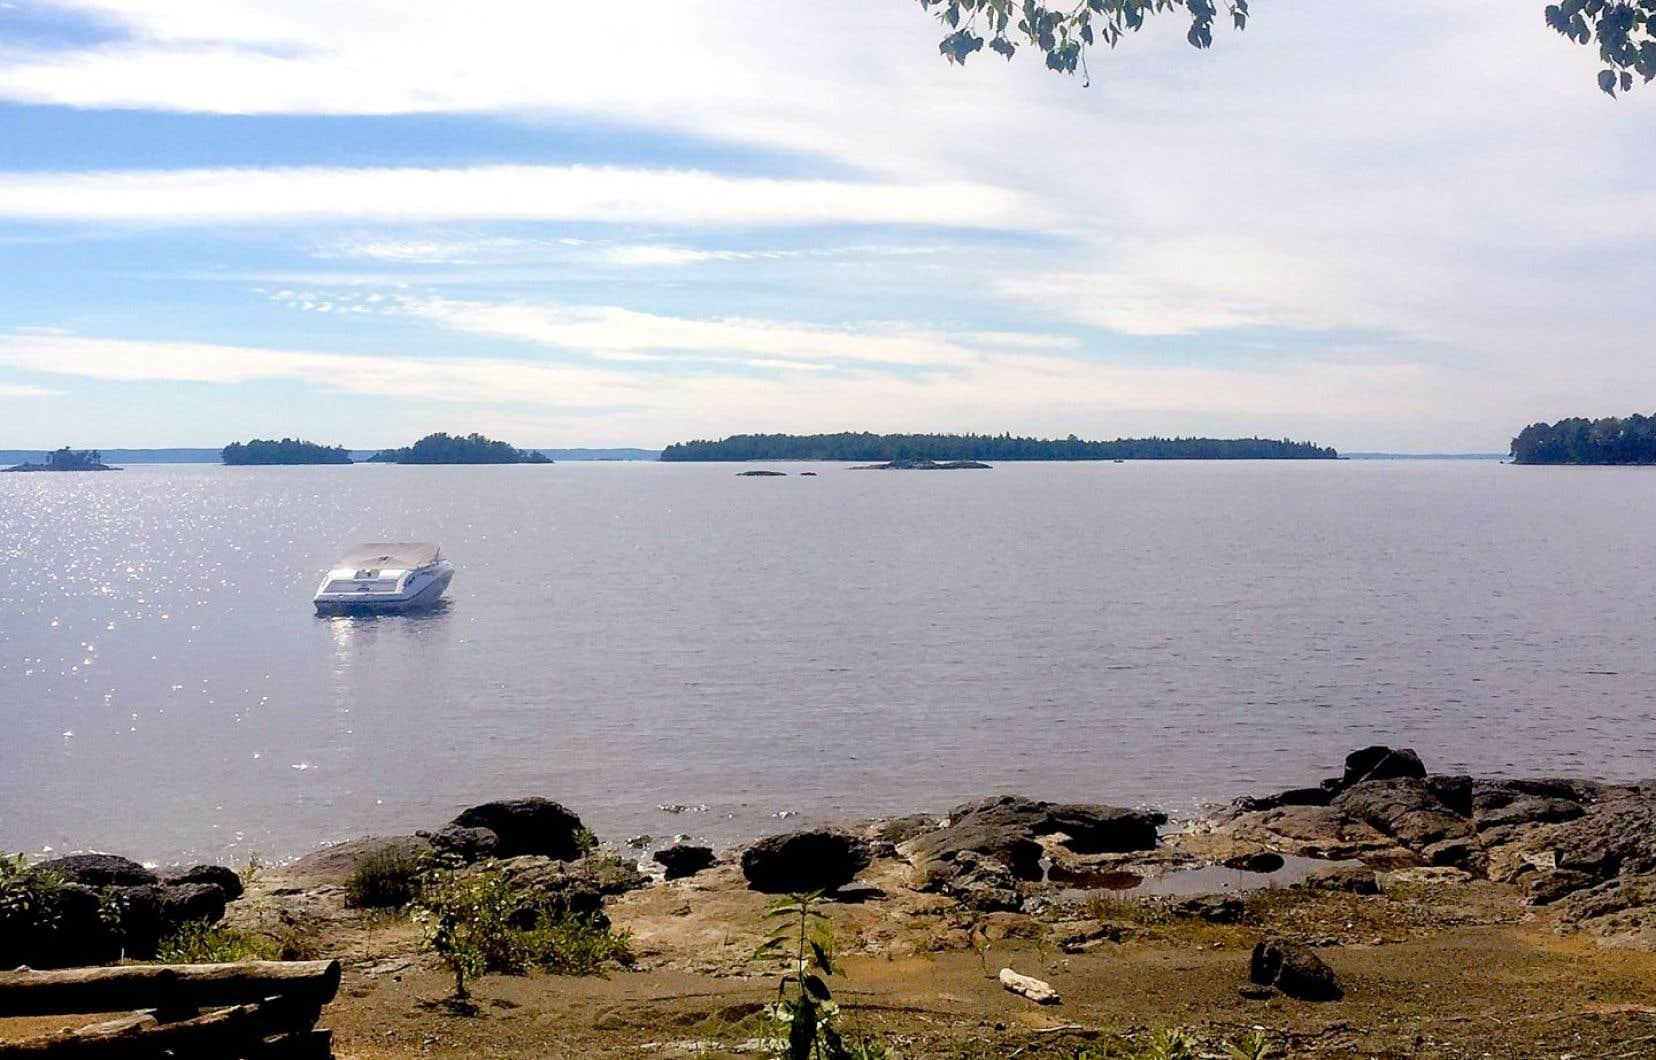 Le niveau du lac Saint-Jean est gardé artificiellement élevé de plusieurs mètres, depuis 1926, pour alimenter les centrales hydroélectriques de Rio Tinto Alcan et de l'industrie forestière.